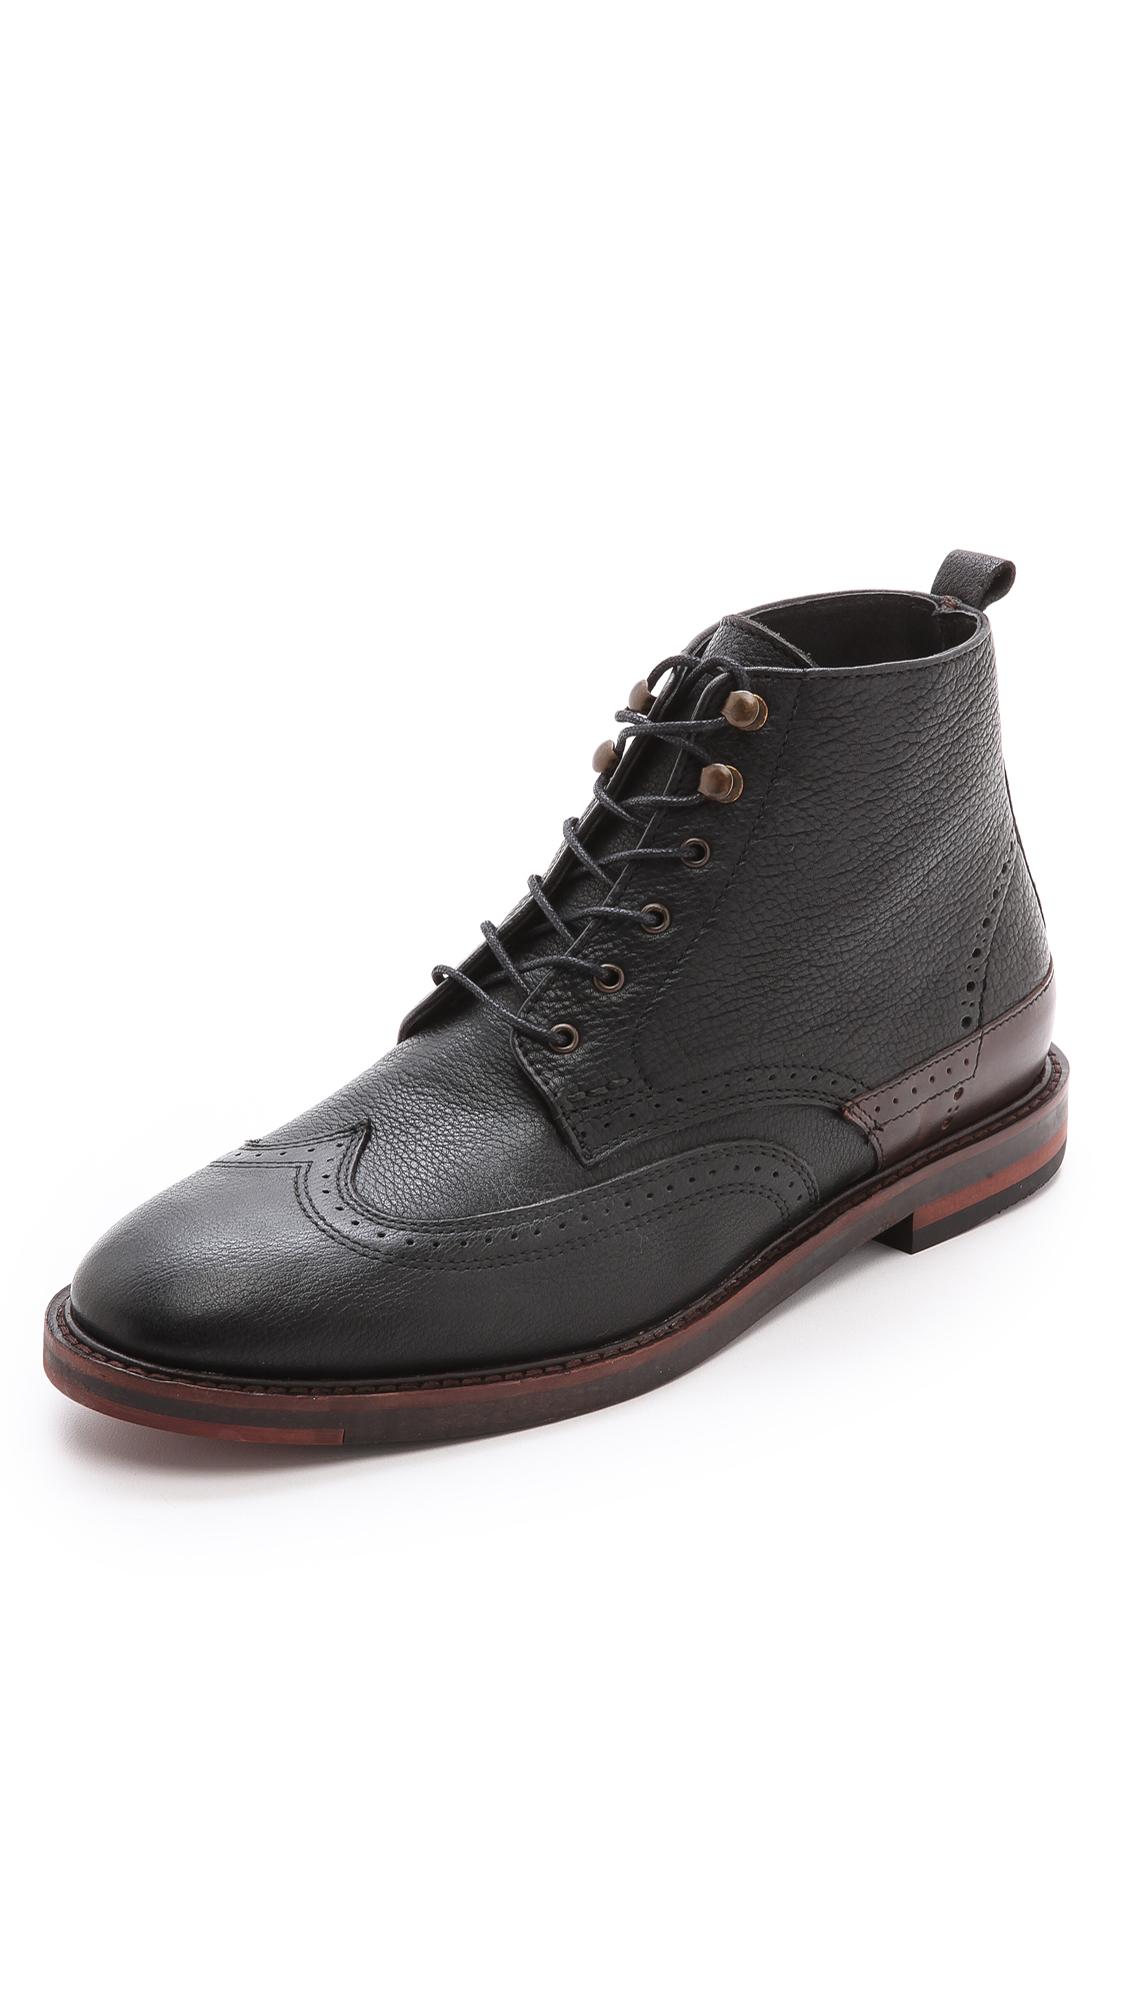 h by hudson forge boots in black for men lyst. Black Bedroom Furniture Sets. Home Design Ideas